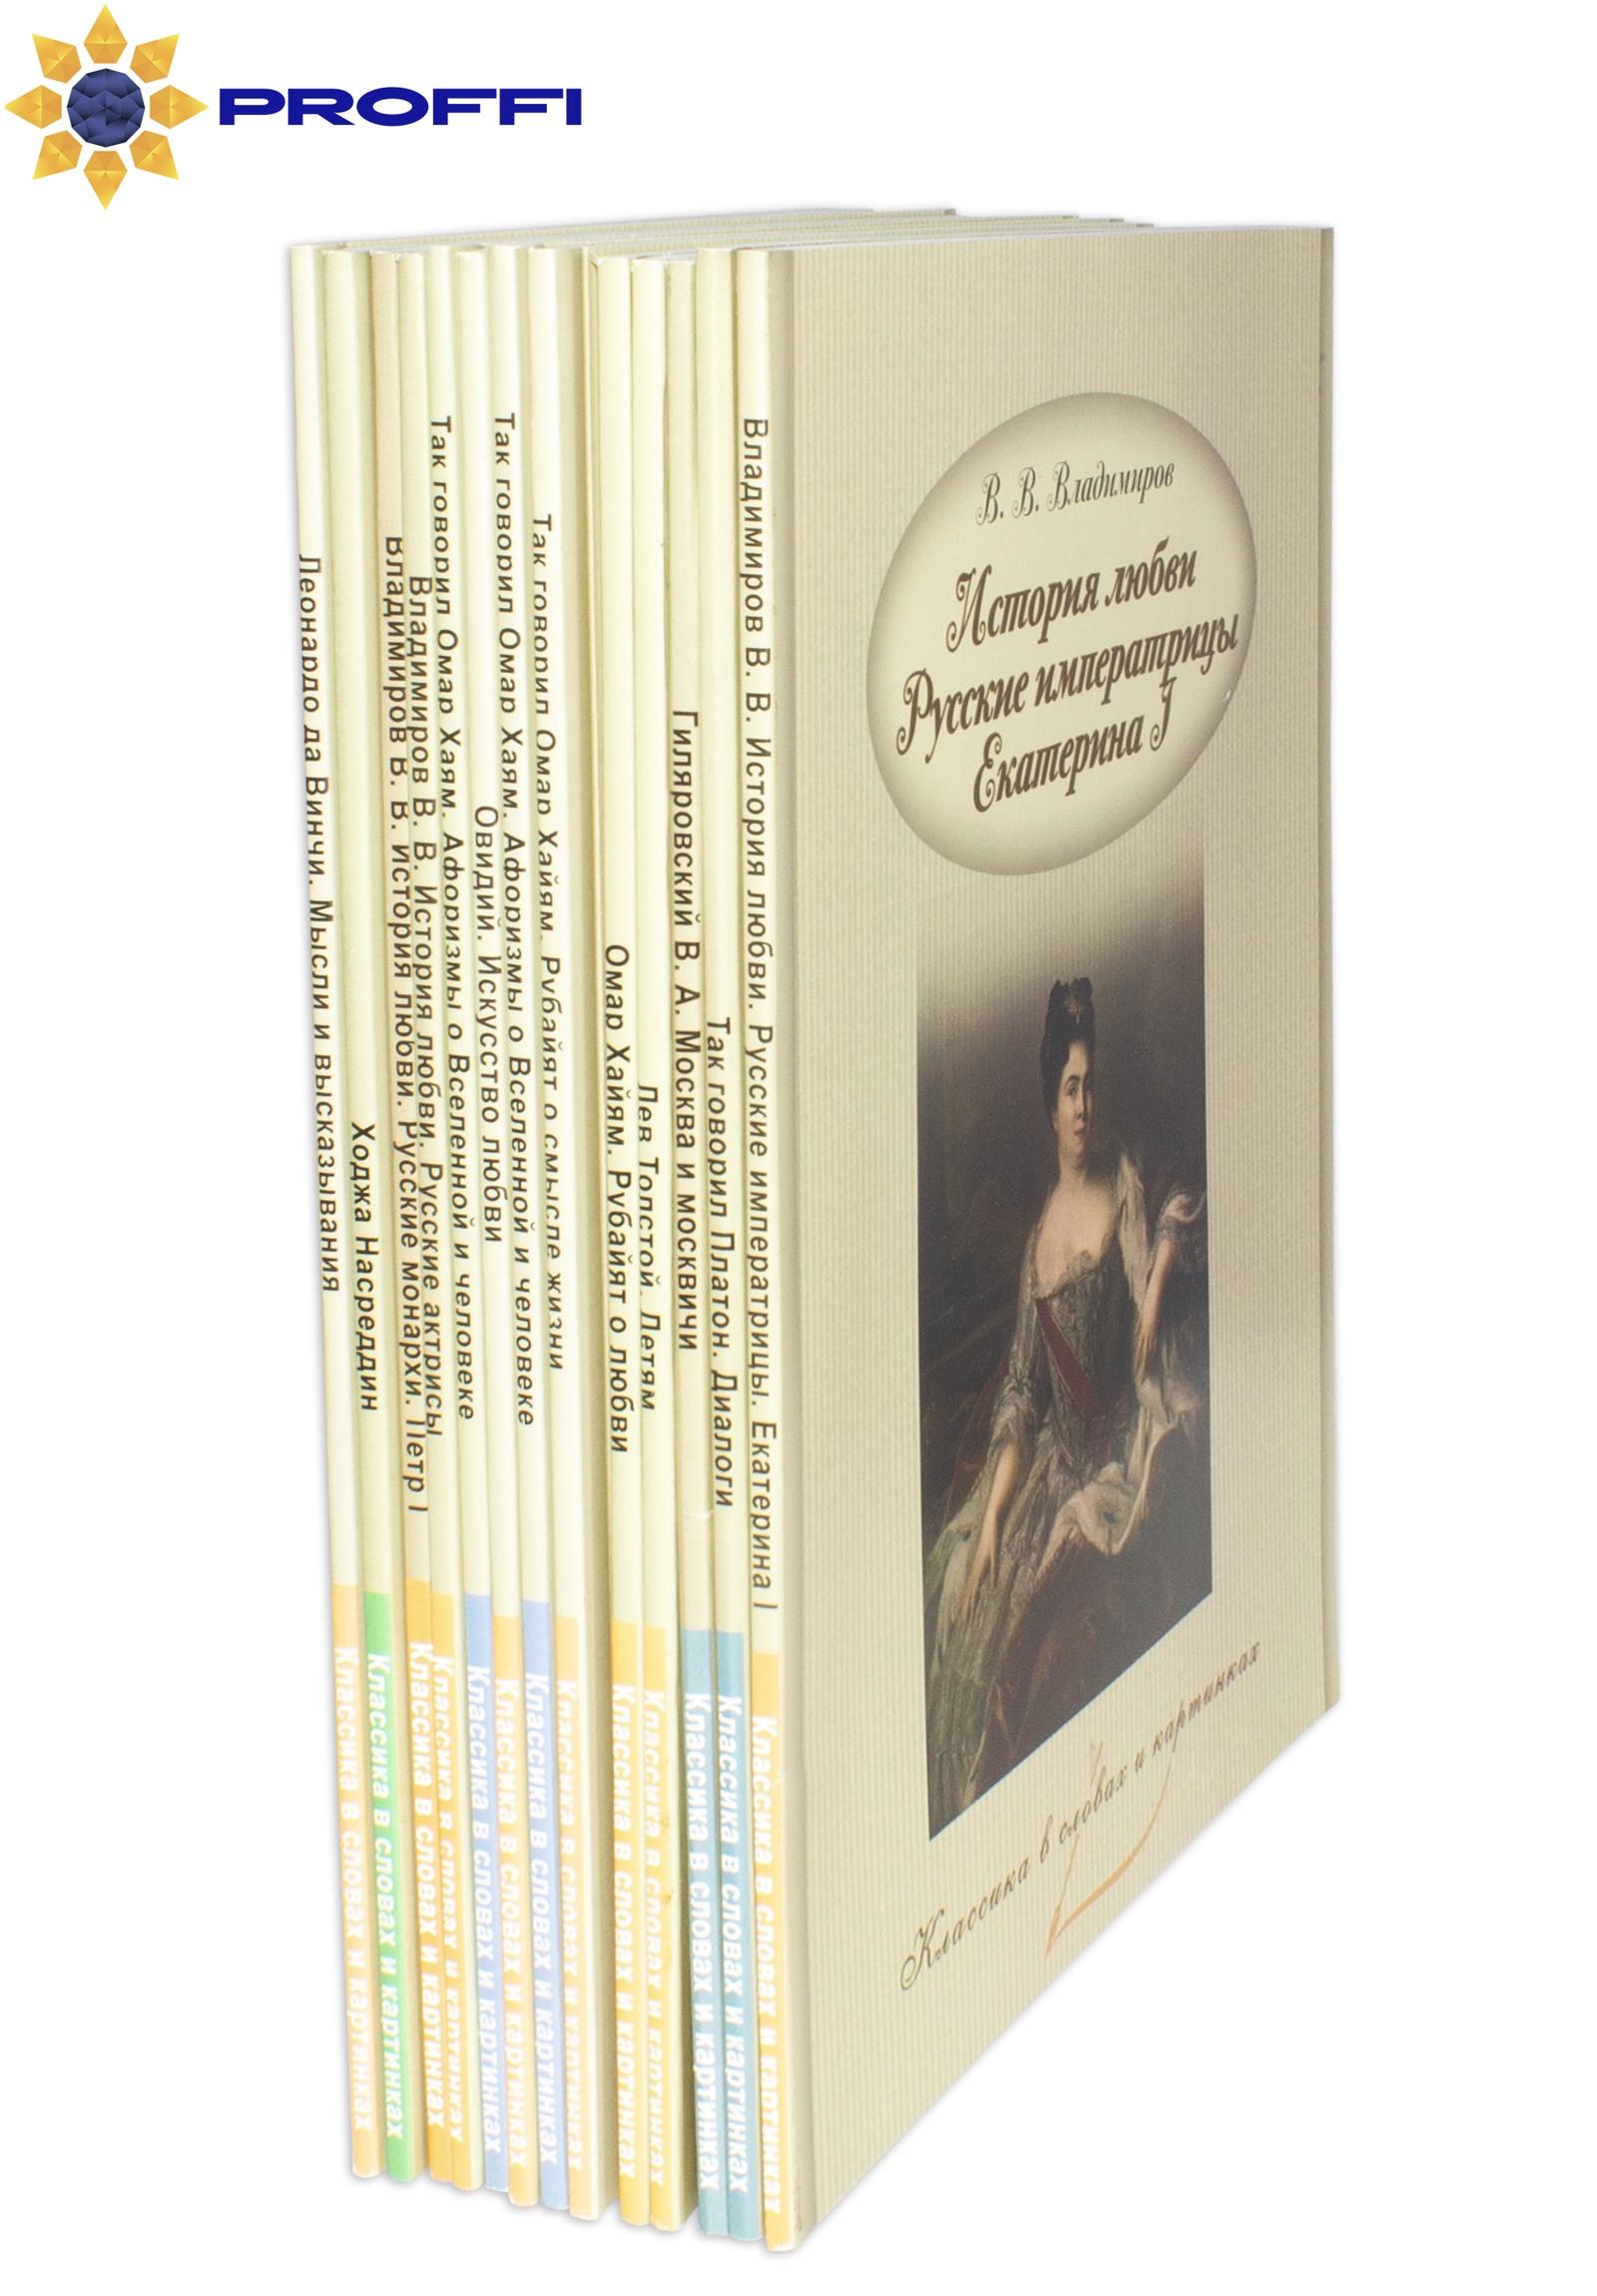 Классика в словах и картинках серия книг, надписями